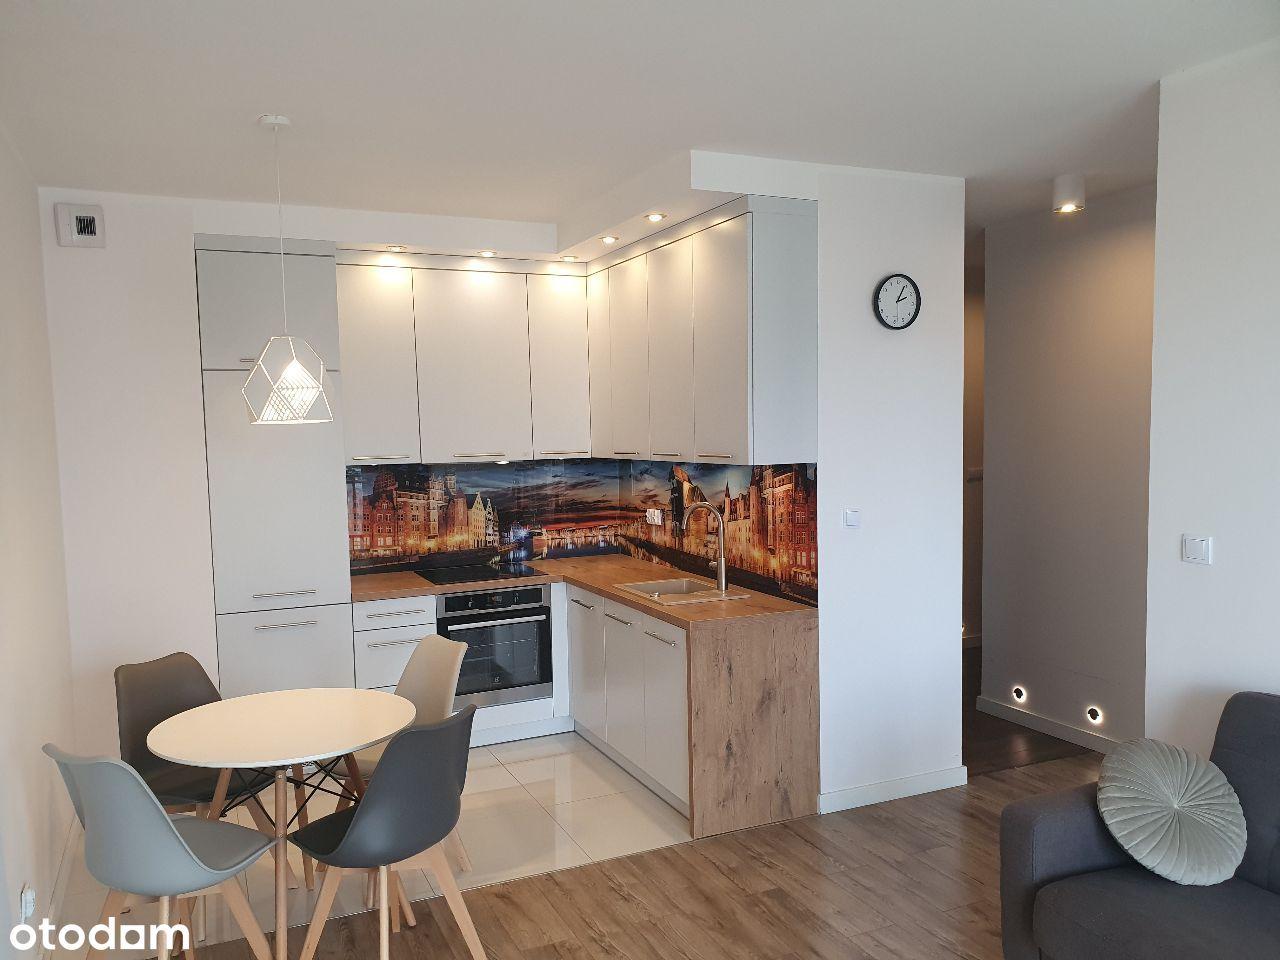 Wynajem mieszkania z miejscem postojowym